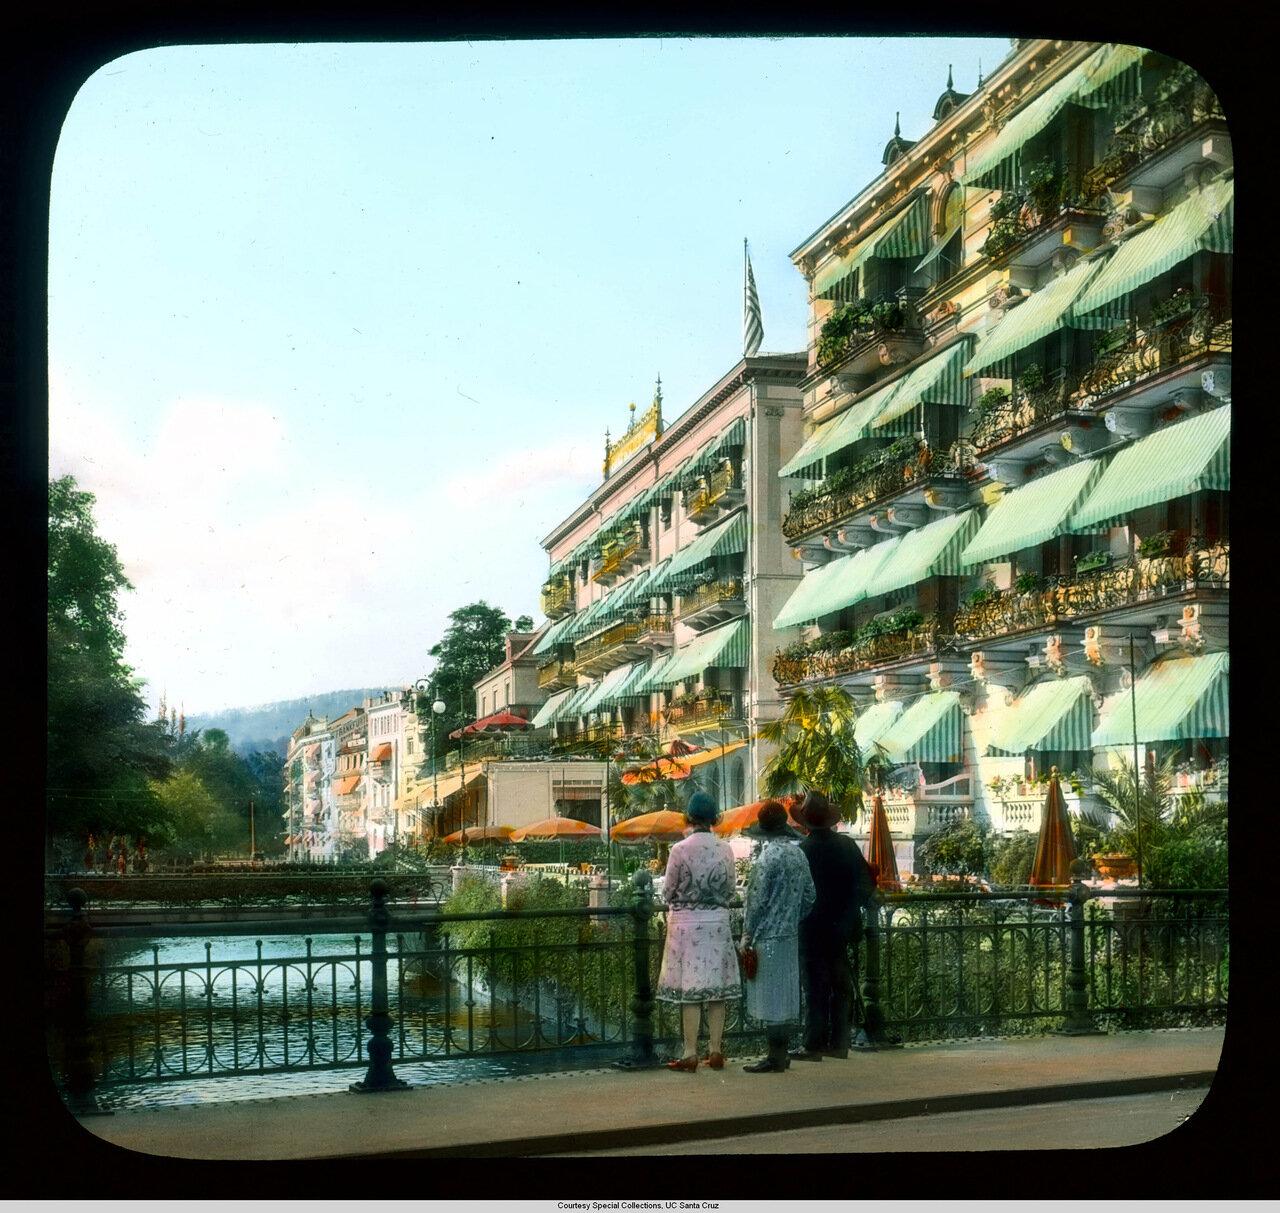 Баден-Баден. Отель «Europaischer Hof» возле моста через реку Оос